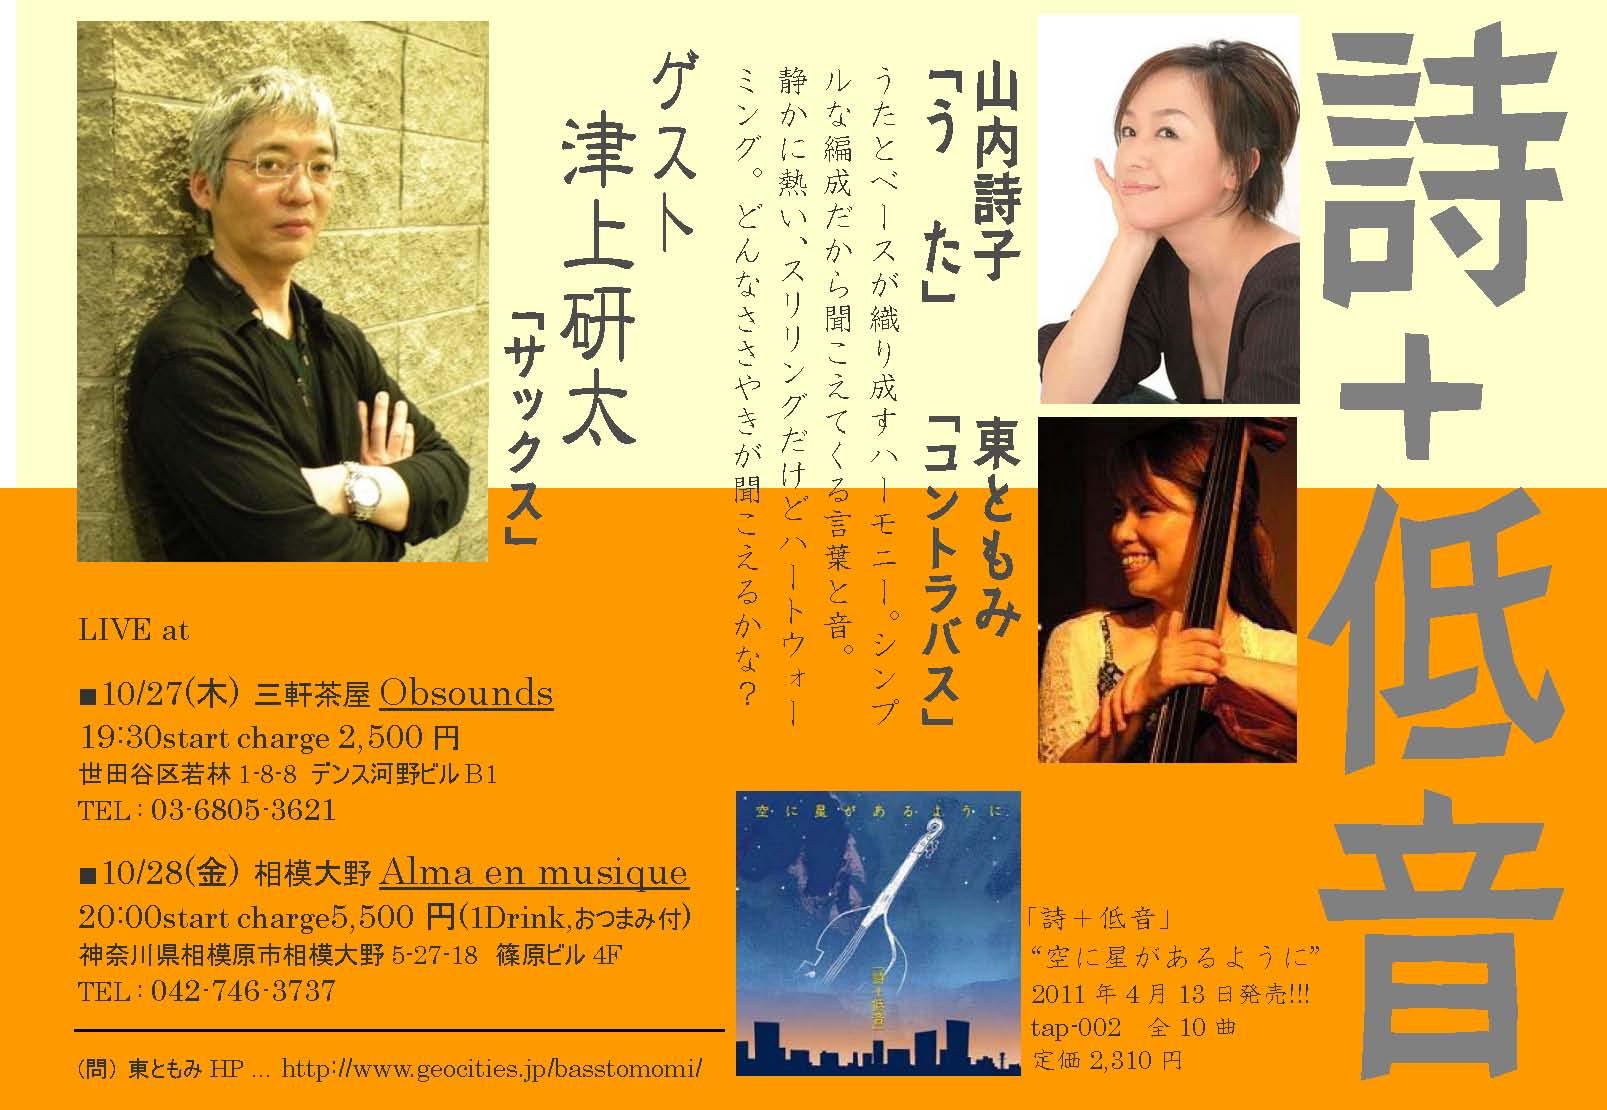 今週の詩+低音は、東京→神奈川→ベトナム!?_f0042307_1426367.jpg